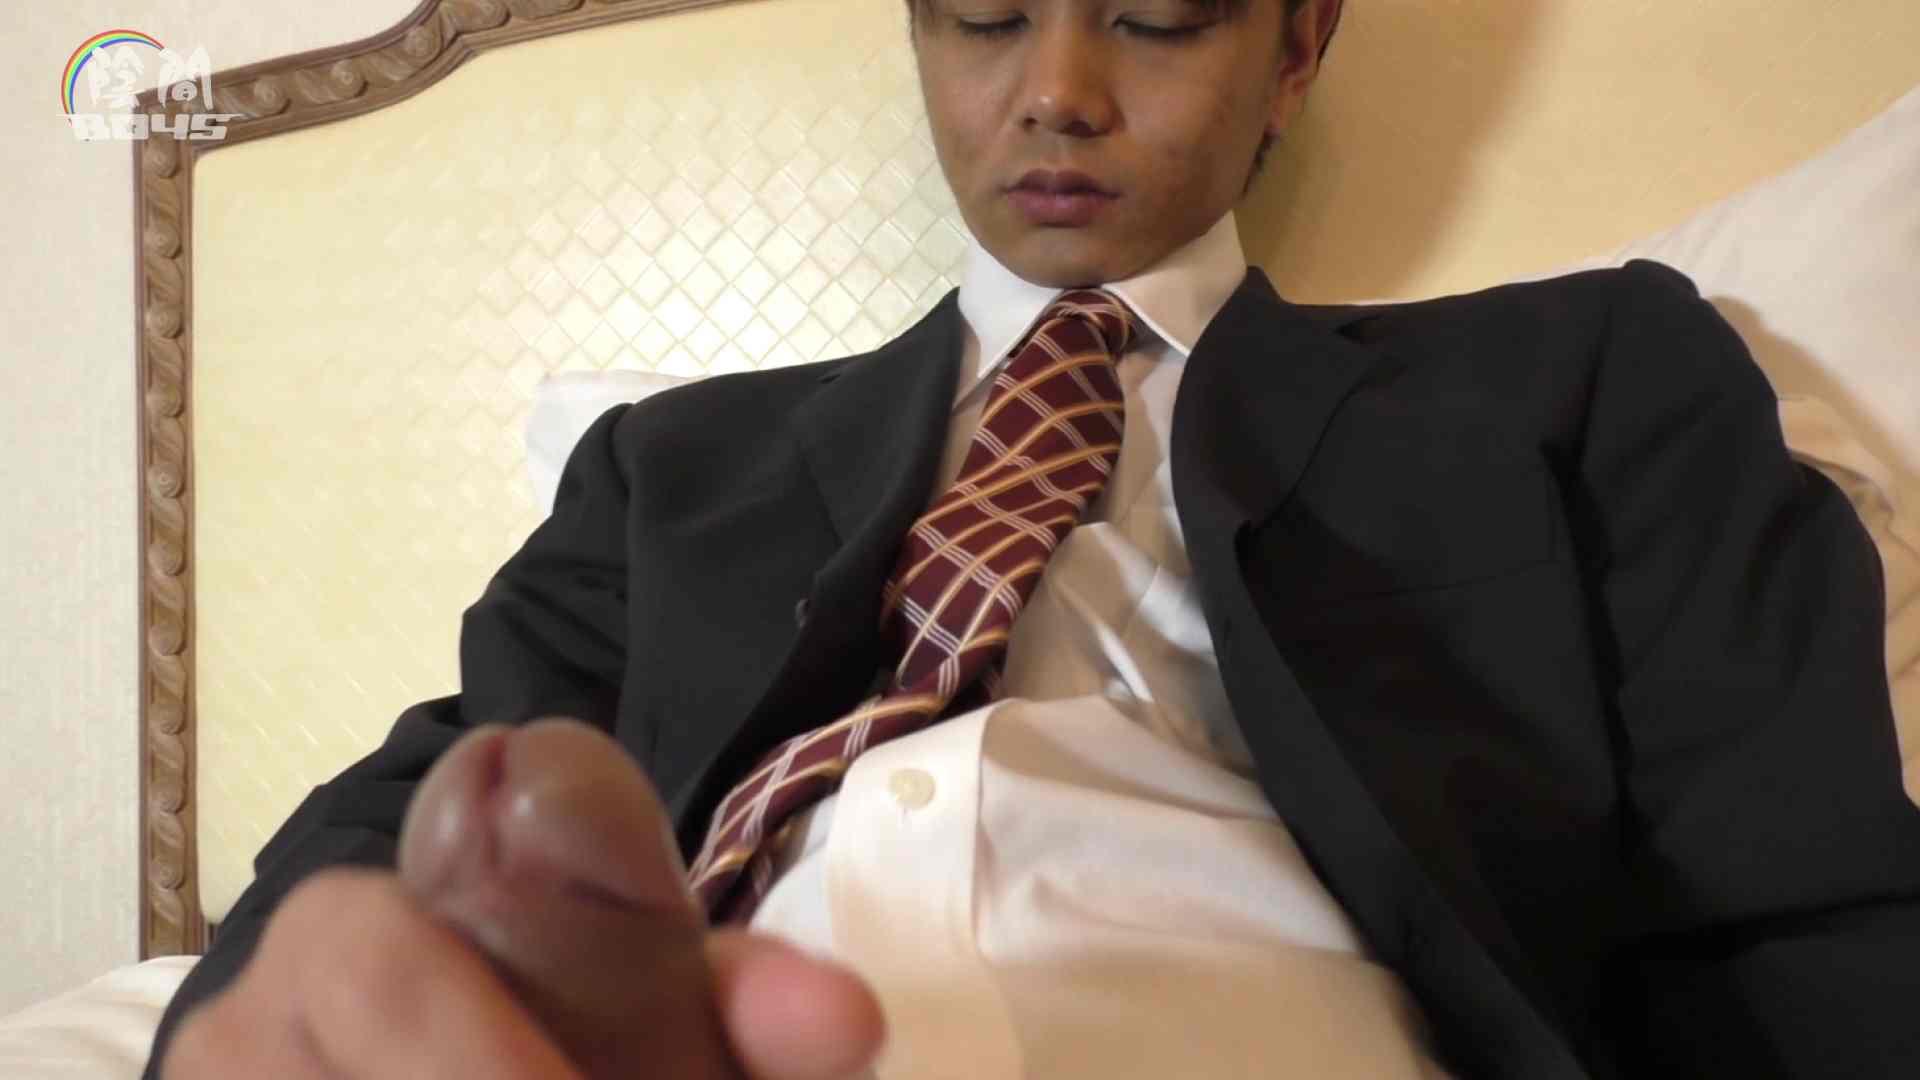 陰間BOYS~キャバクラの仕事はアナルから4 Vol.02 オナニー ゲイエロ画像 100pic 30